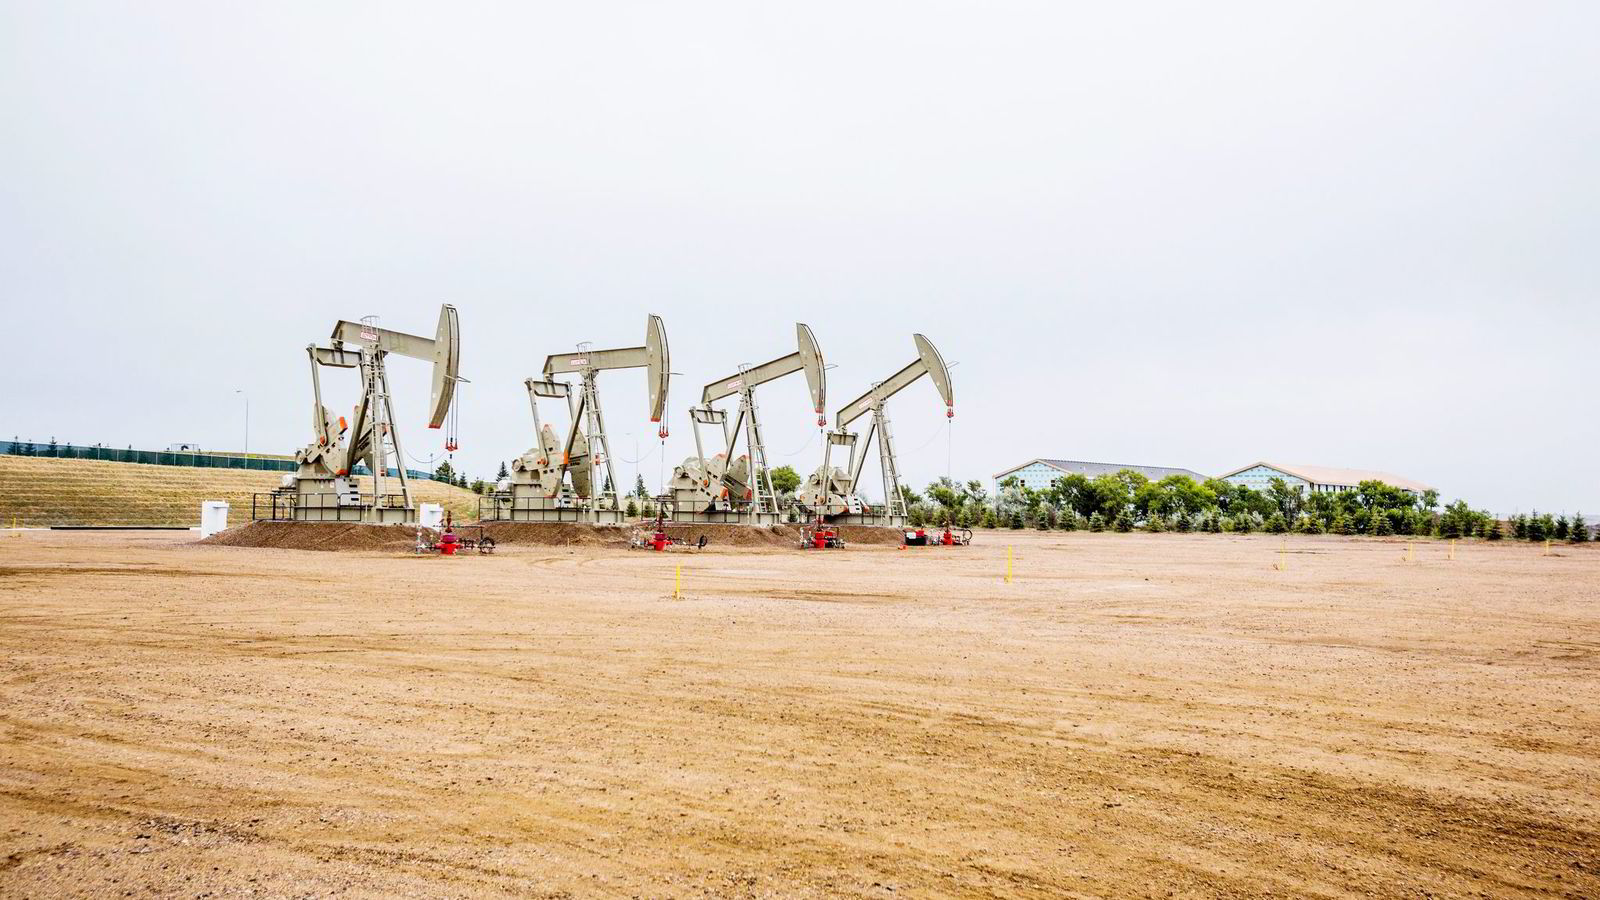 Skiferrevolusjonen har økt USAs oljeproduksjon kraftig de siste tiårene. Her et frackinganlegg i Williston, Nord-Dakota.